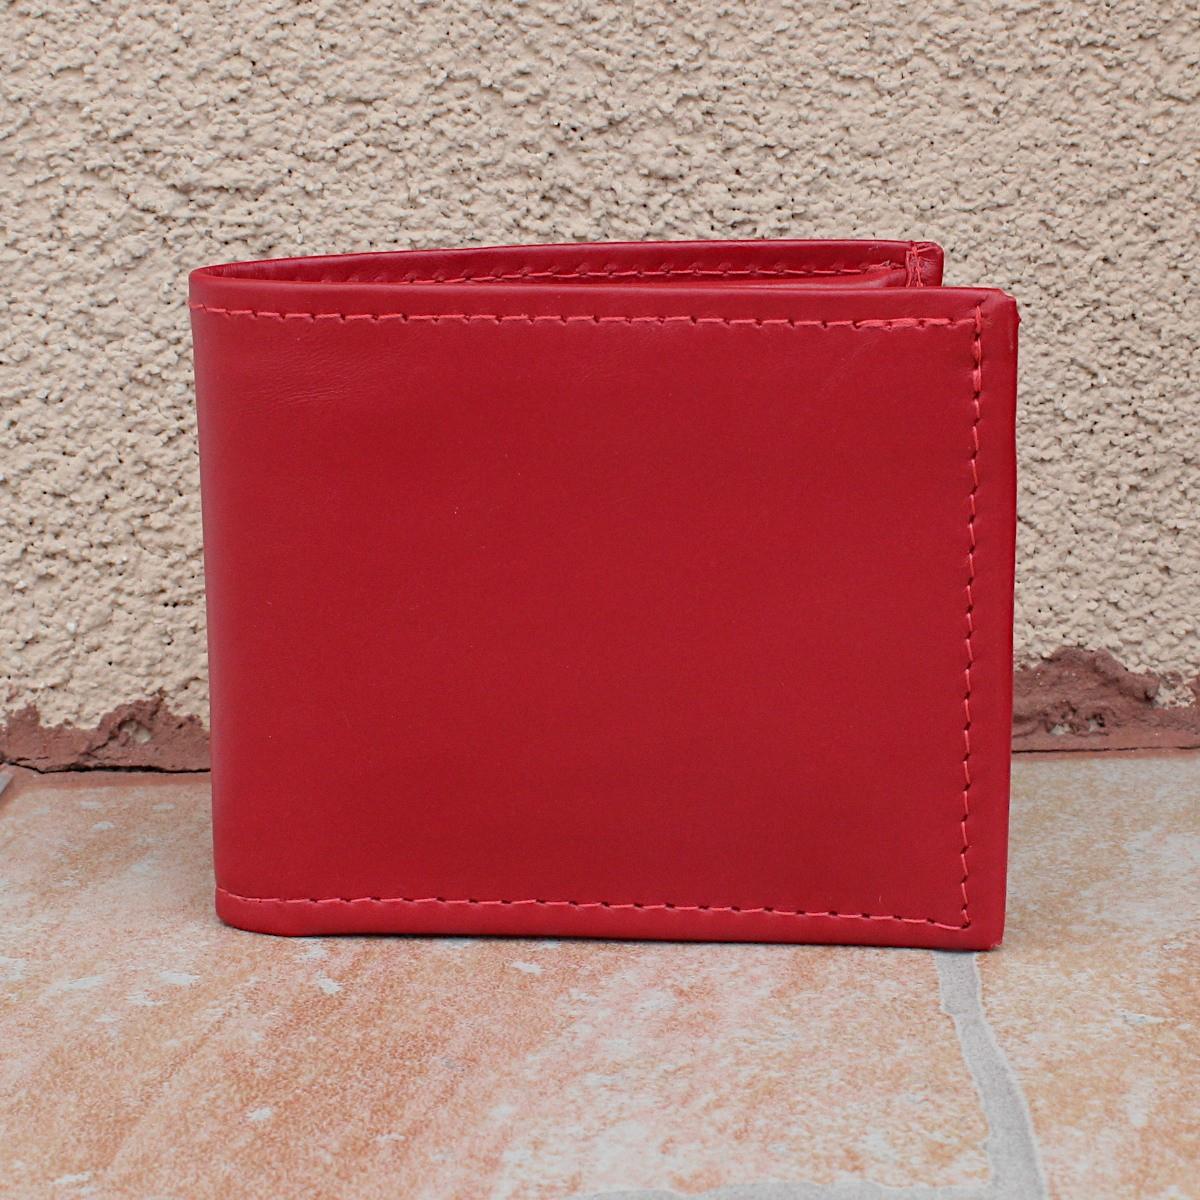 естествена кожа мъжки портфейл червен - отпред